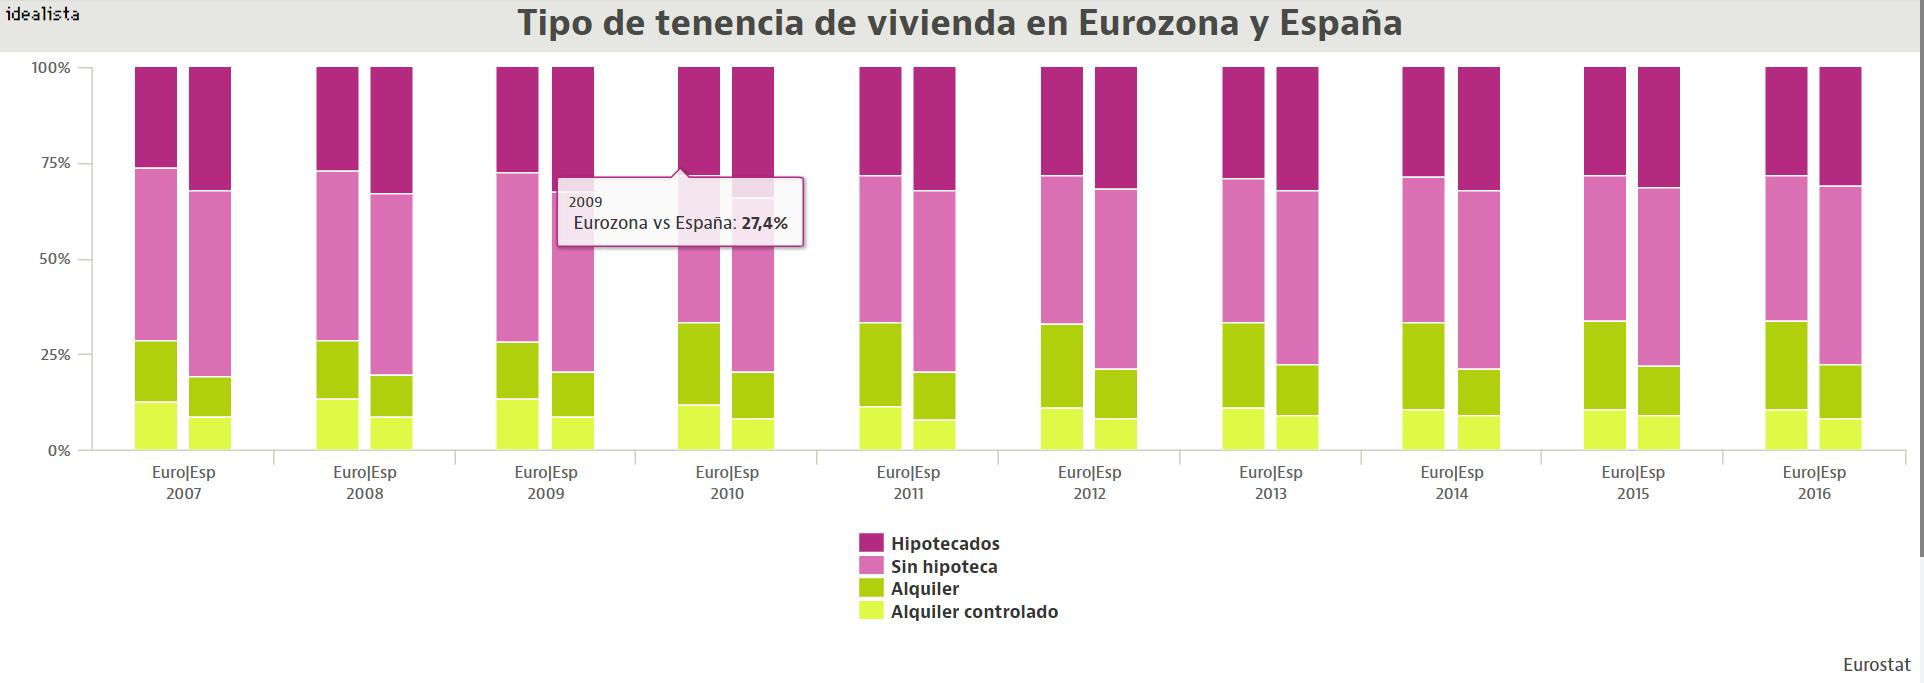 España, uno de los países europeos donde el alquiler 'se come' más ingresos familiares